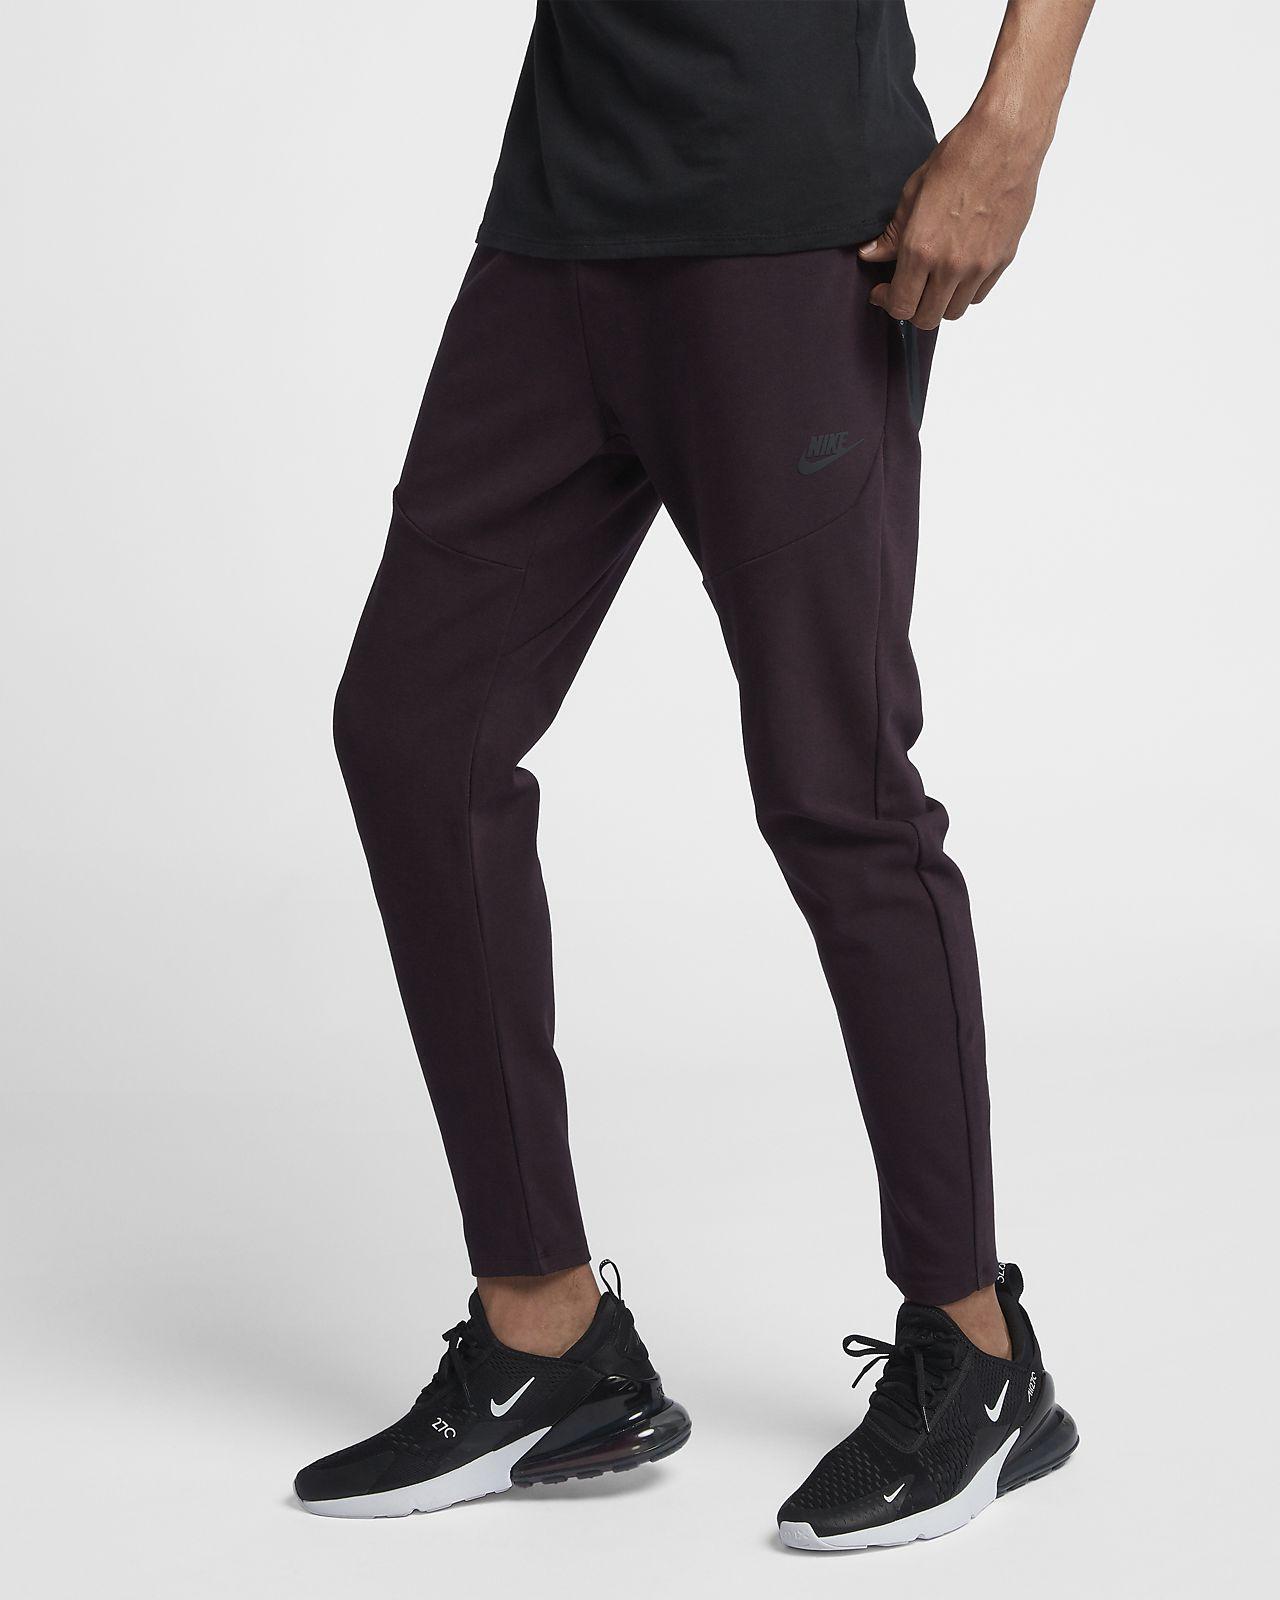 c6bd65824dff92 Nike Sportswear Tech Pack Men s Trousers. Nike.com GB